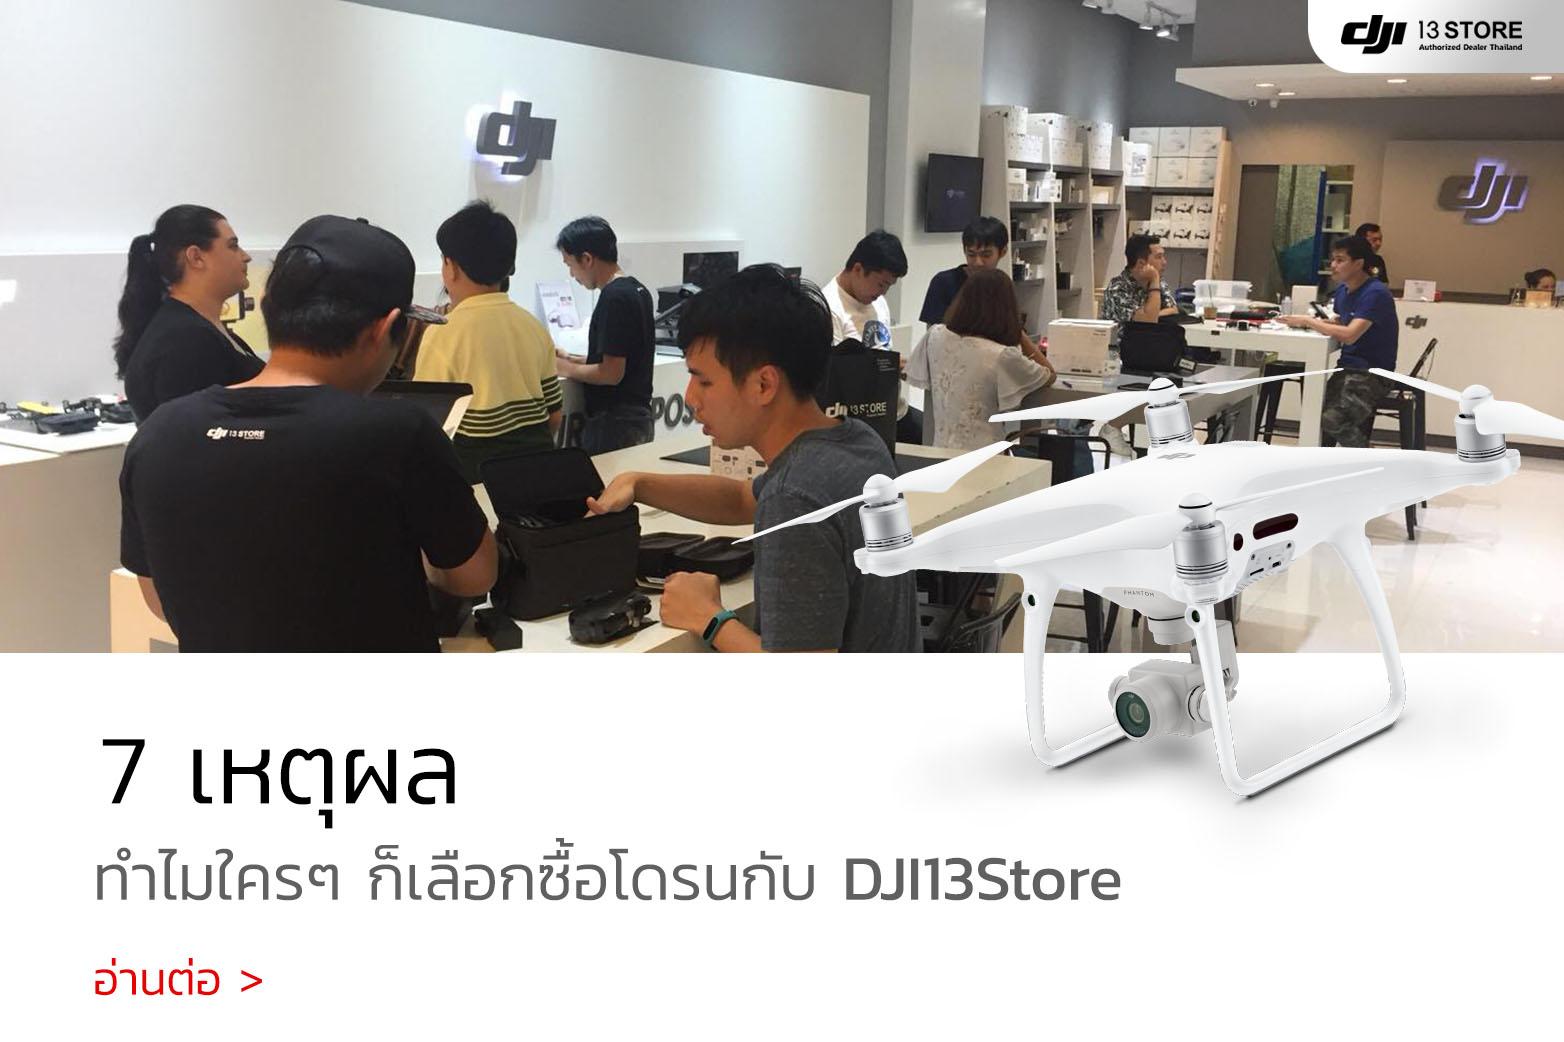 7 เหตุผล ทำไมใครๆ ก็เลือกซื้อโดรน กับ DJI13Store